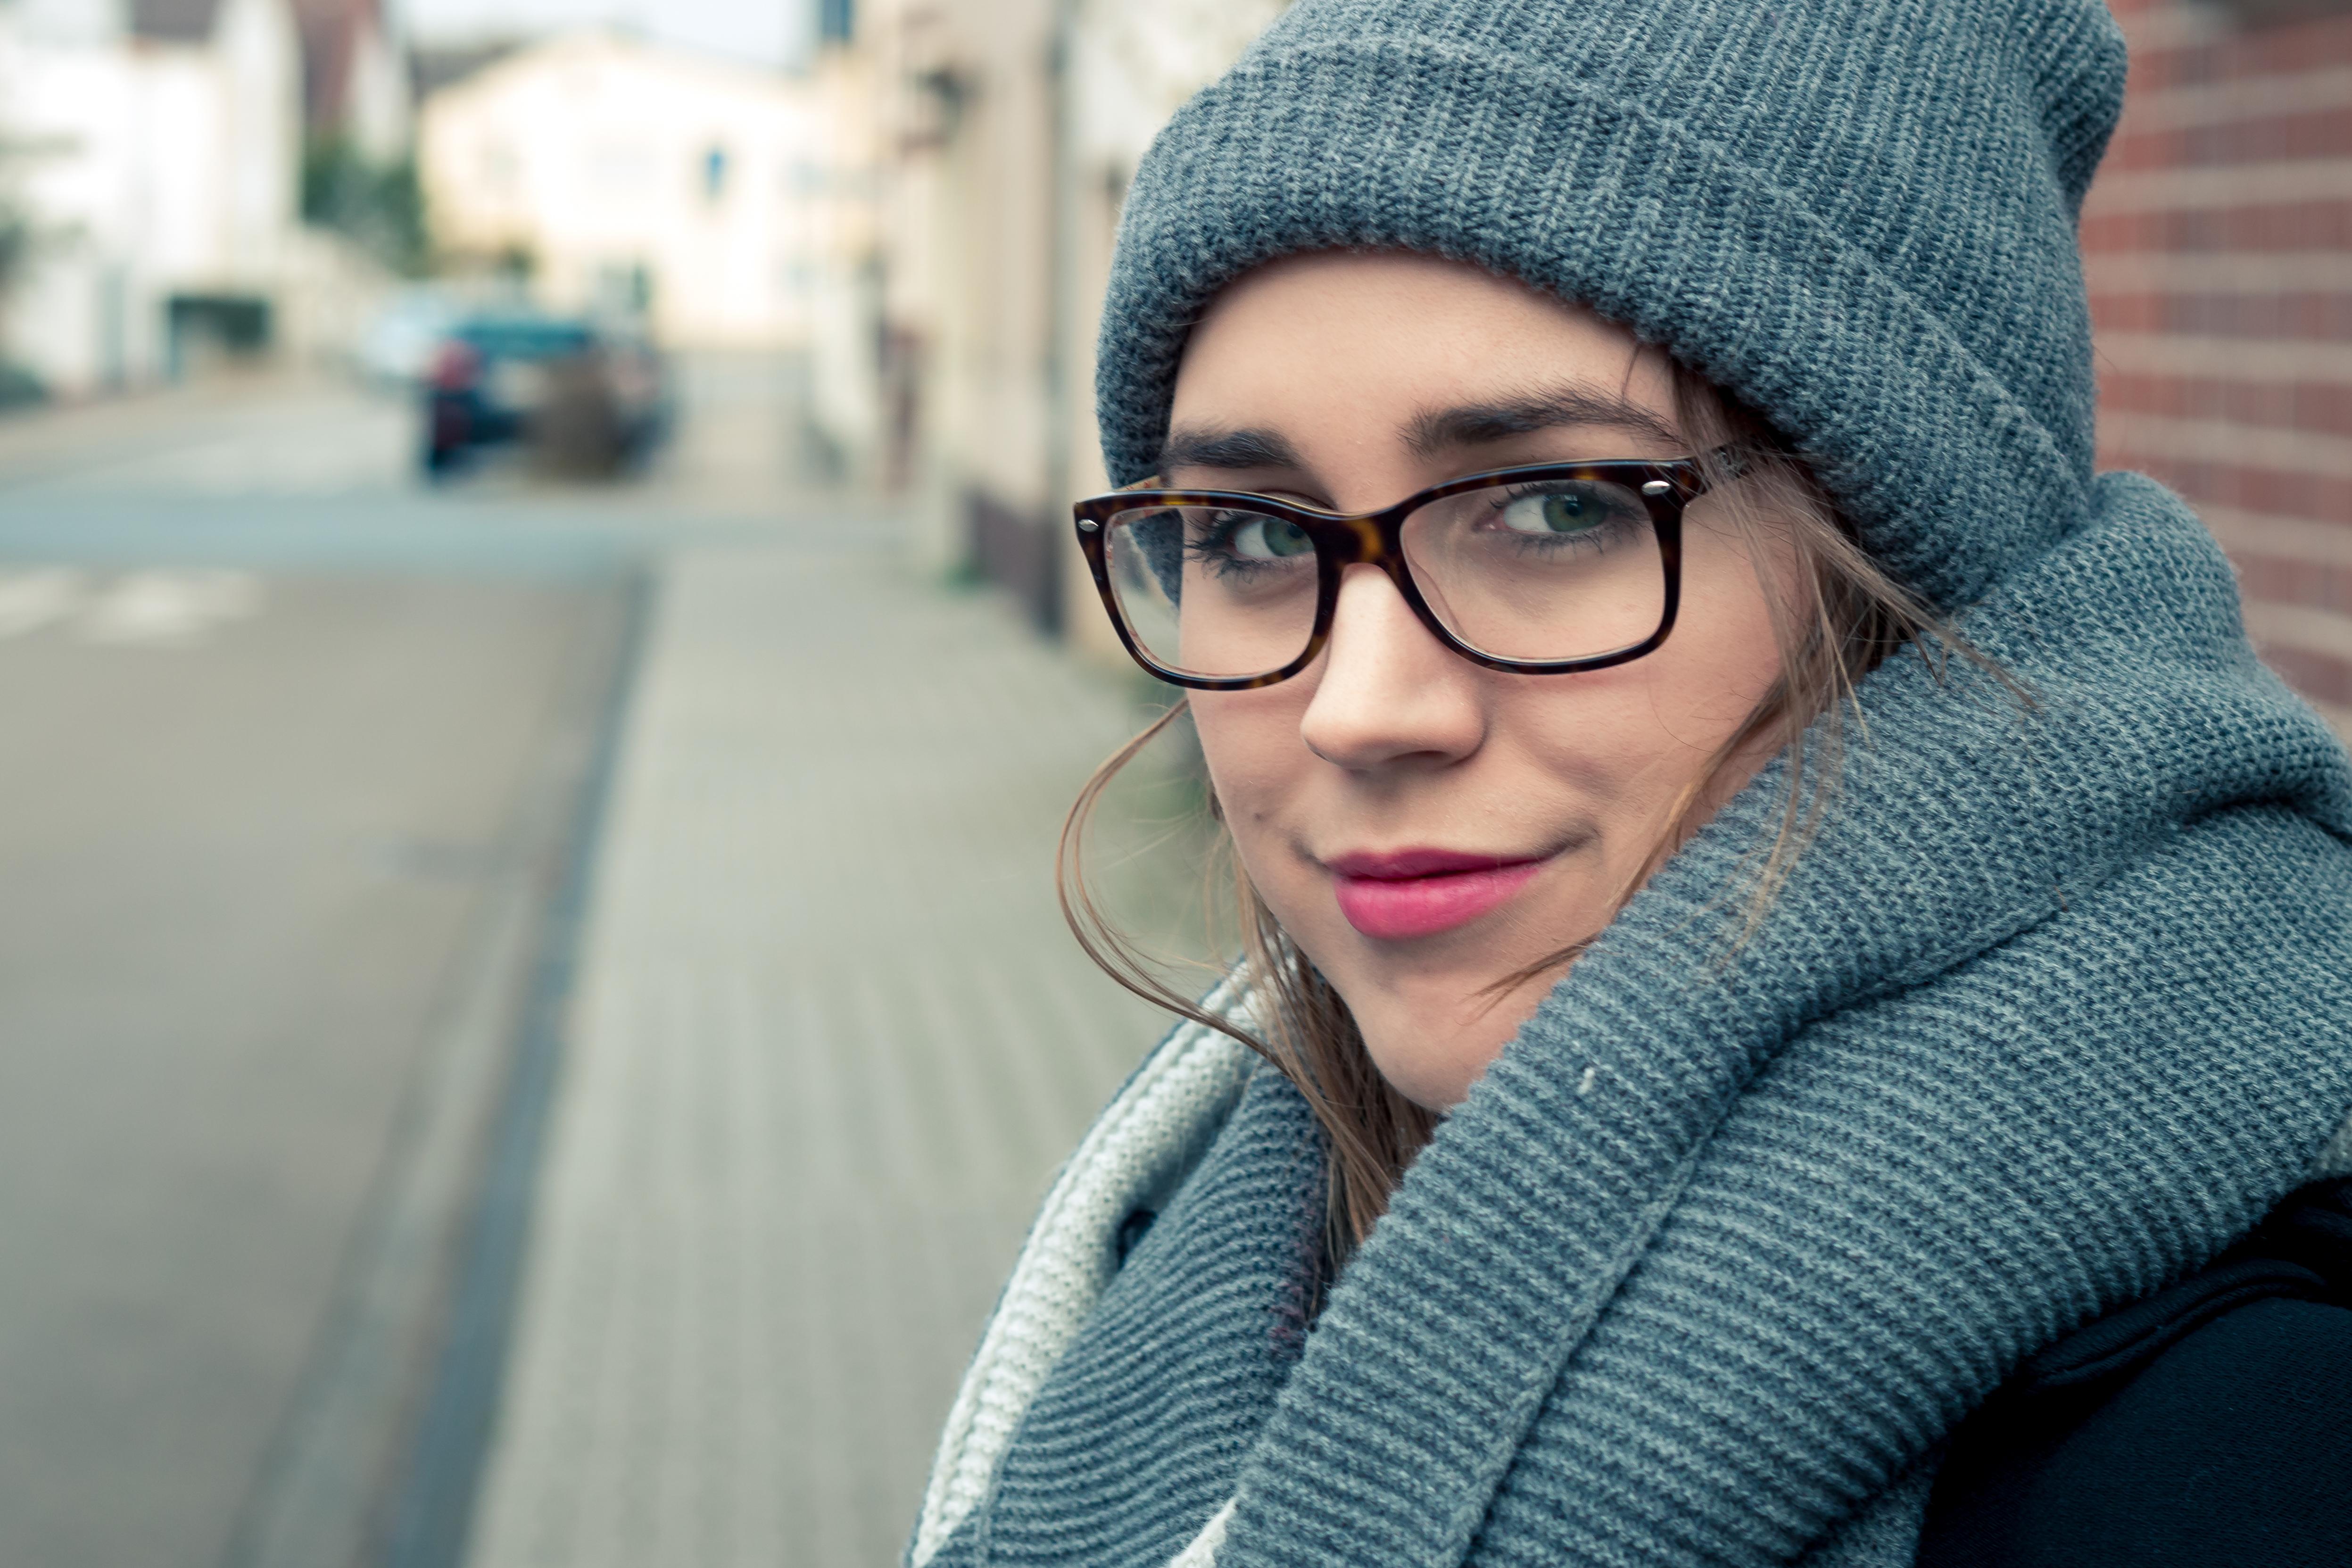 Hermosa mujer en invierno - 4988x3325